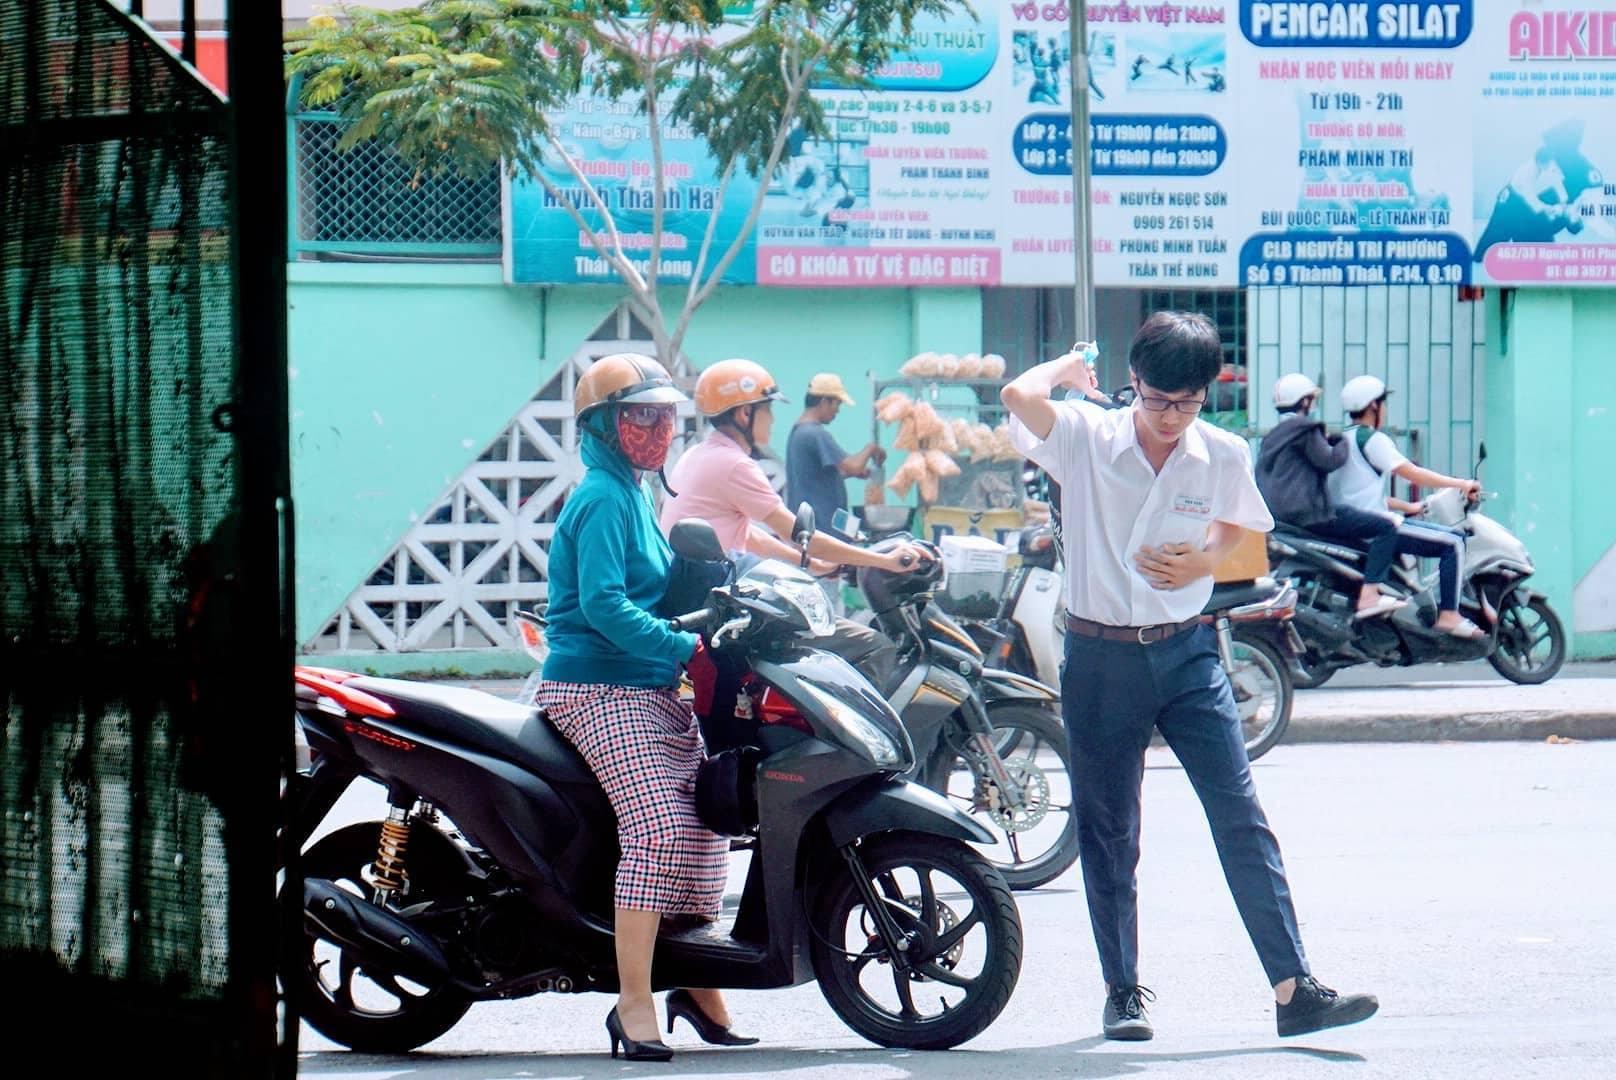 Thí sinh Sài Gòn chạy thục mạng đến trường thi vì đi trễ